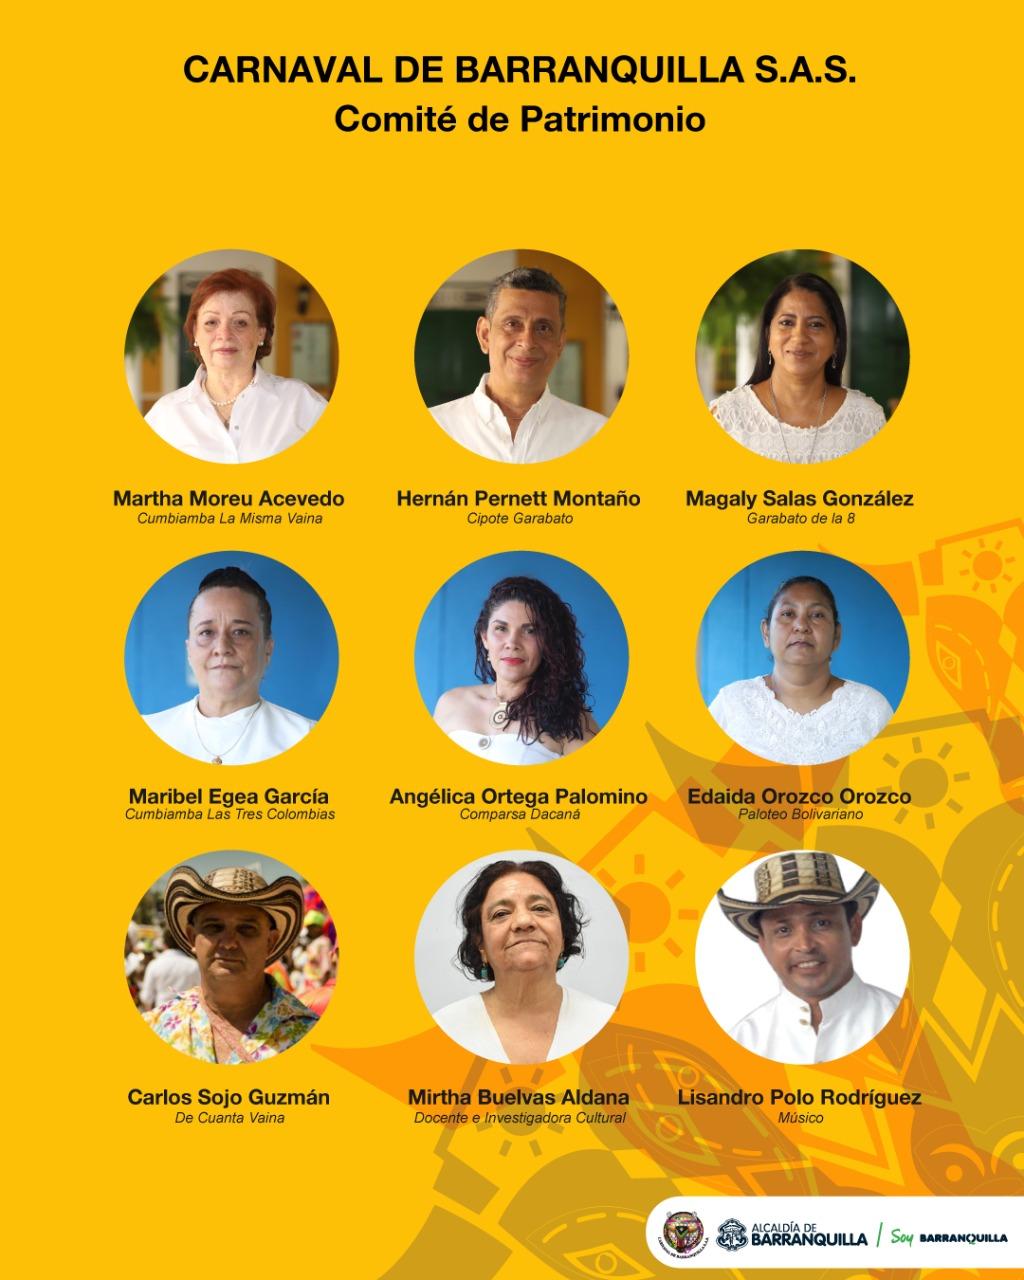 Carnaval implementa medidas de Gobierno corporativo para el fortalecimiento de la Fiesta y su gestión institucional